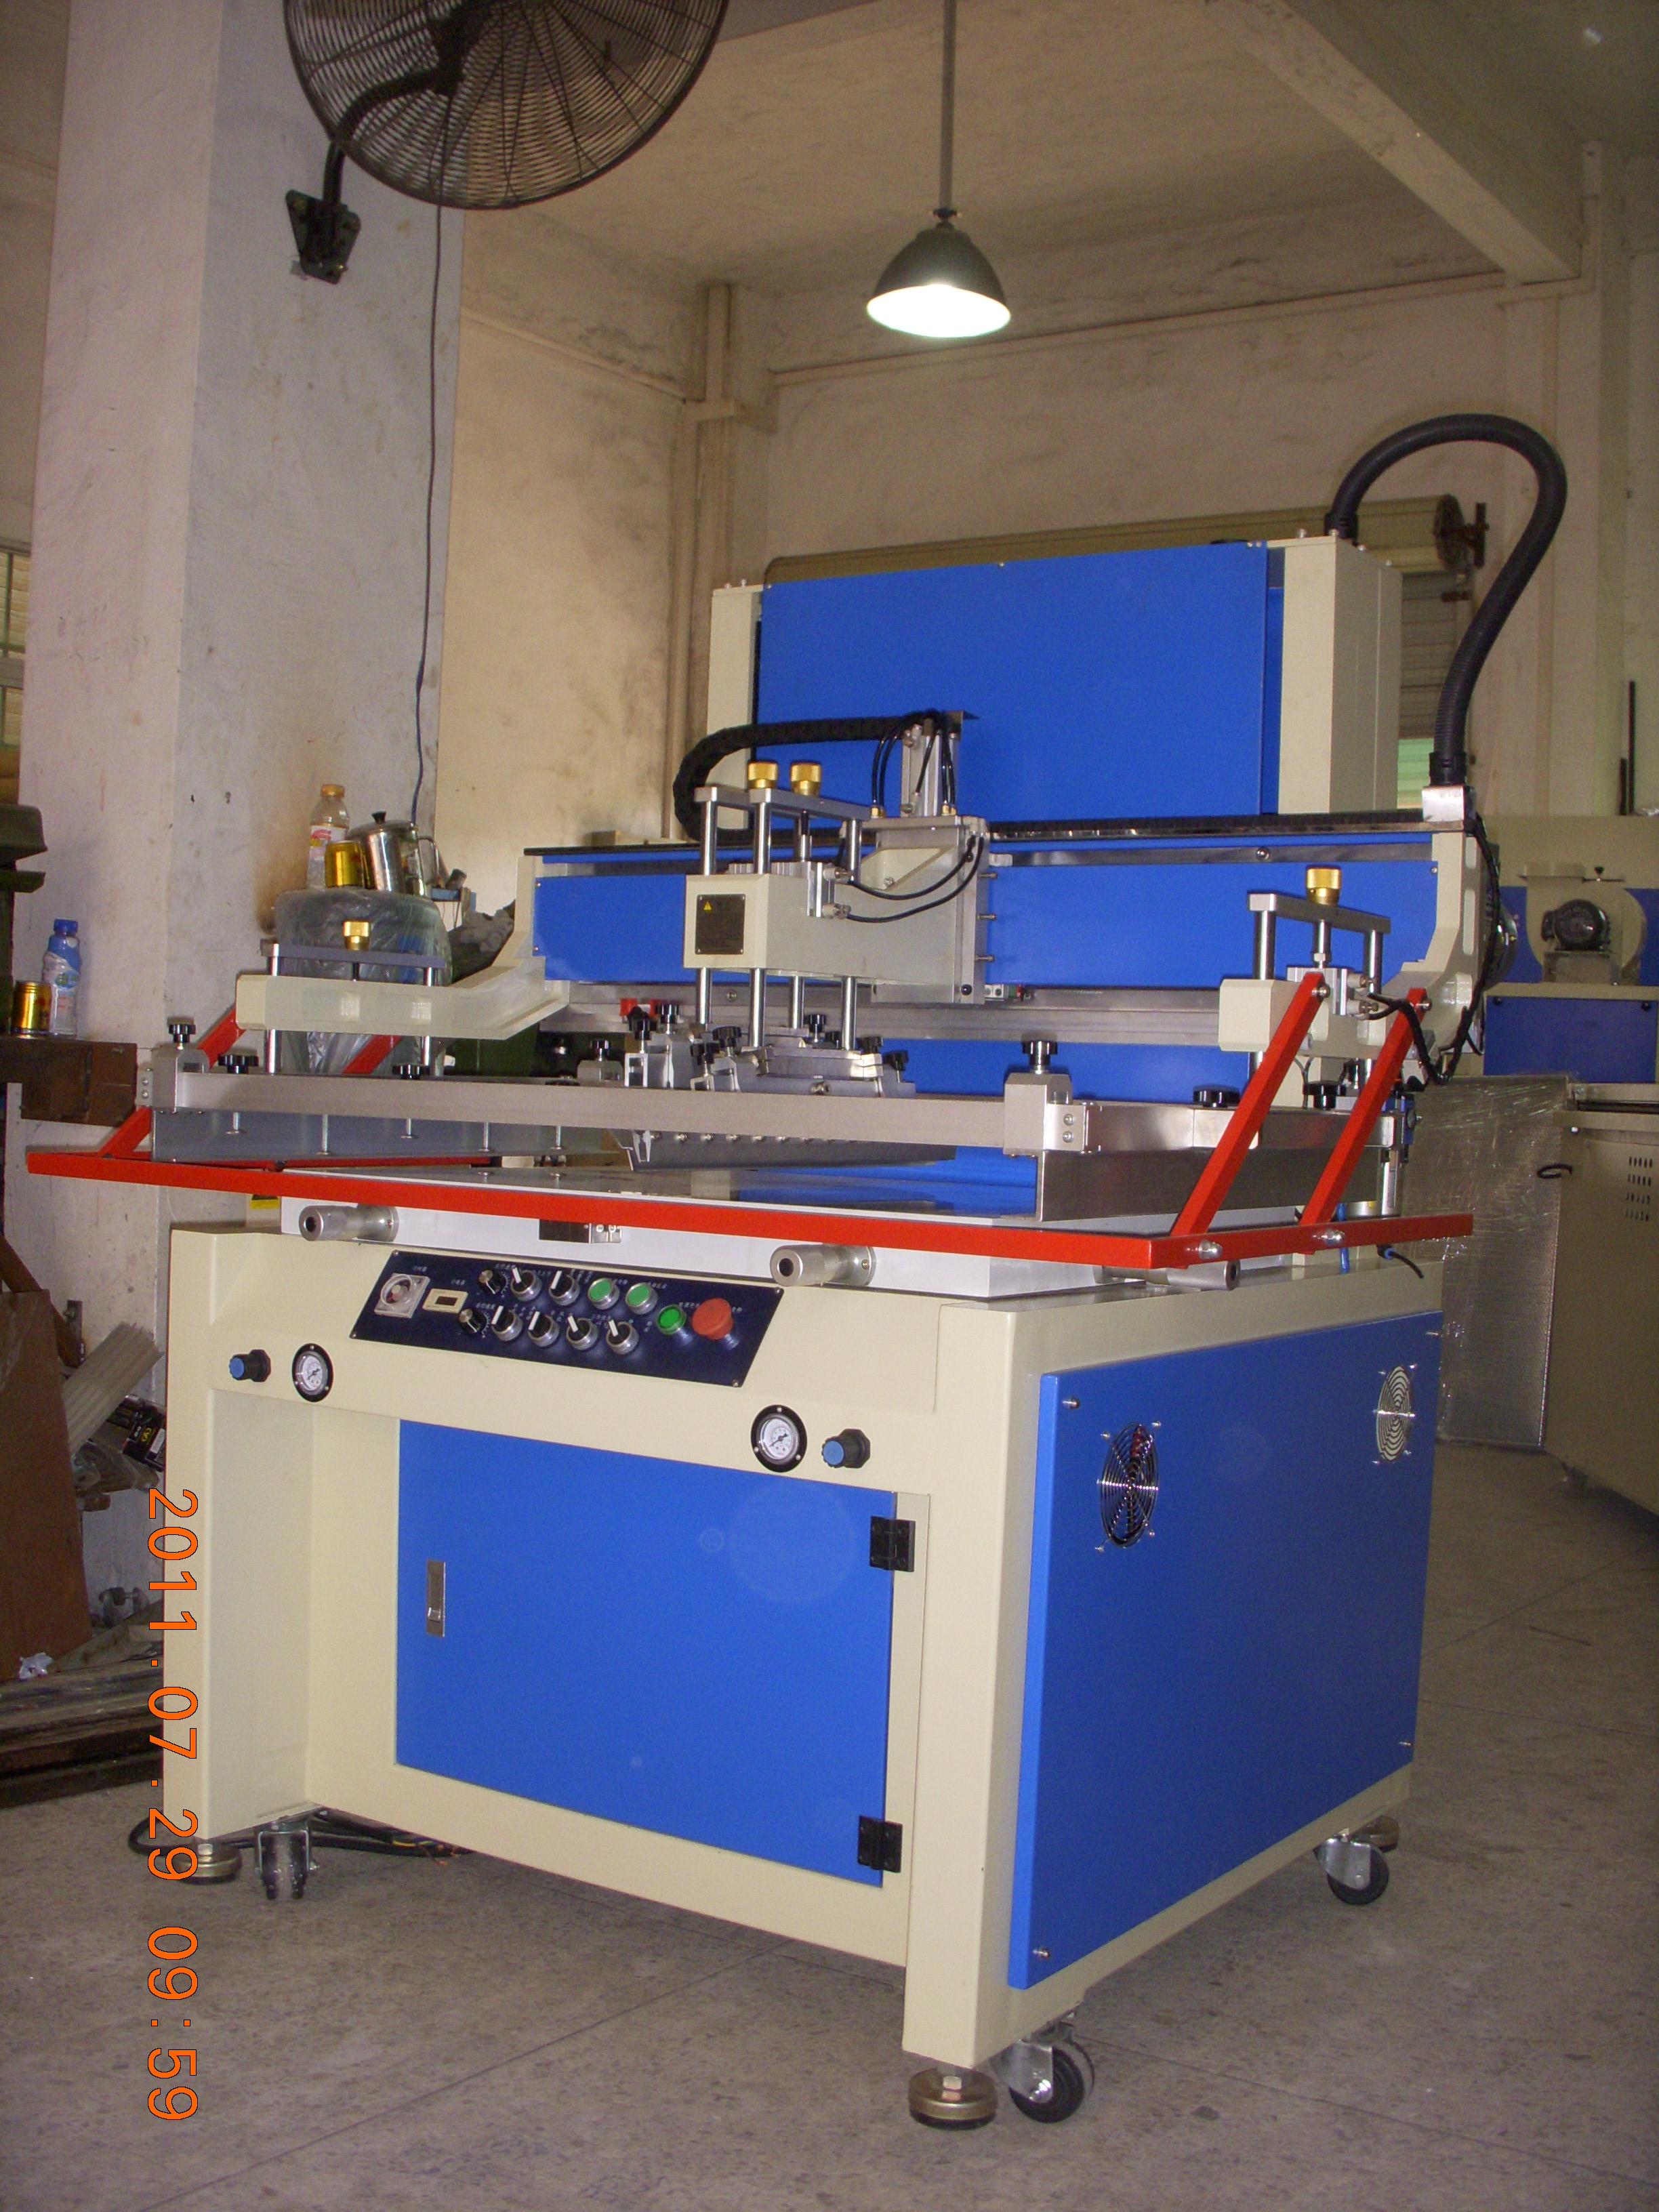 供应东莞包装盒包装瓶烟盒半自动丝印机,包装印刷机,全自动网印机,东莞丝印机,